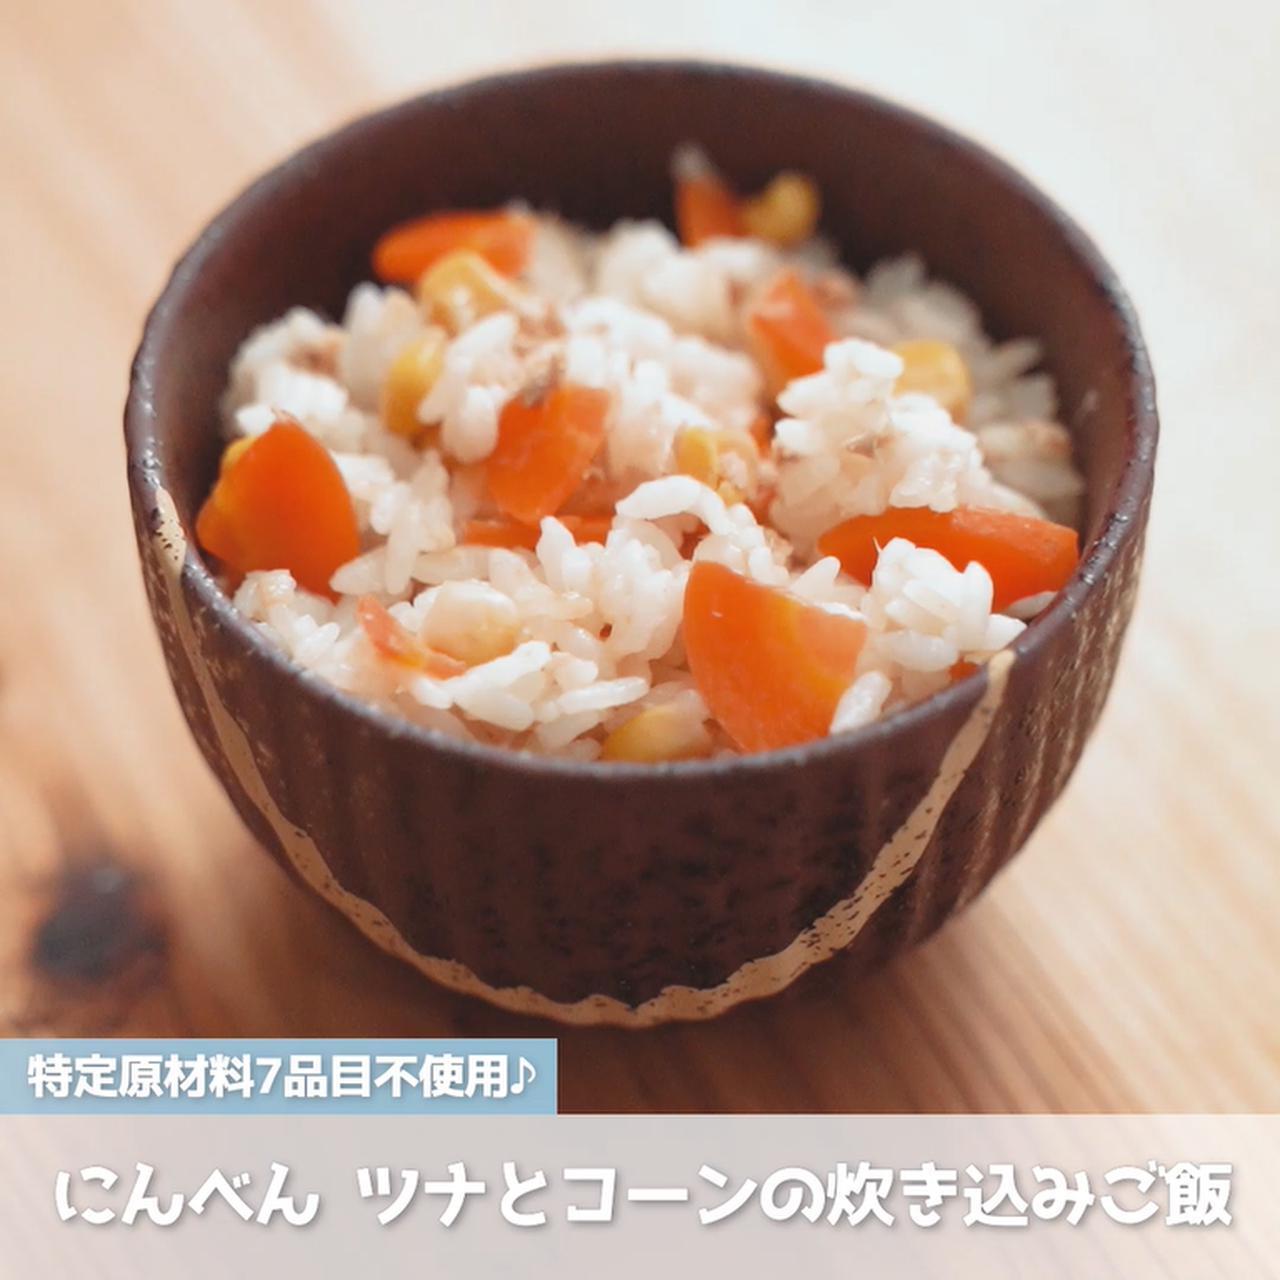 画像: 色どり豊かなツナとコーンの炊き込みご飯 - 君とごはん